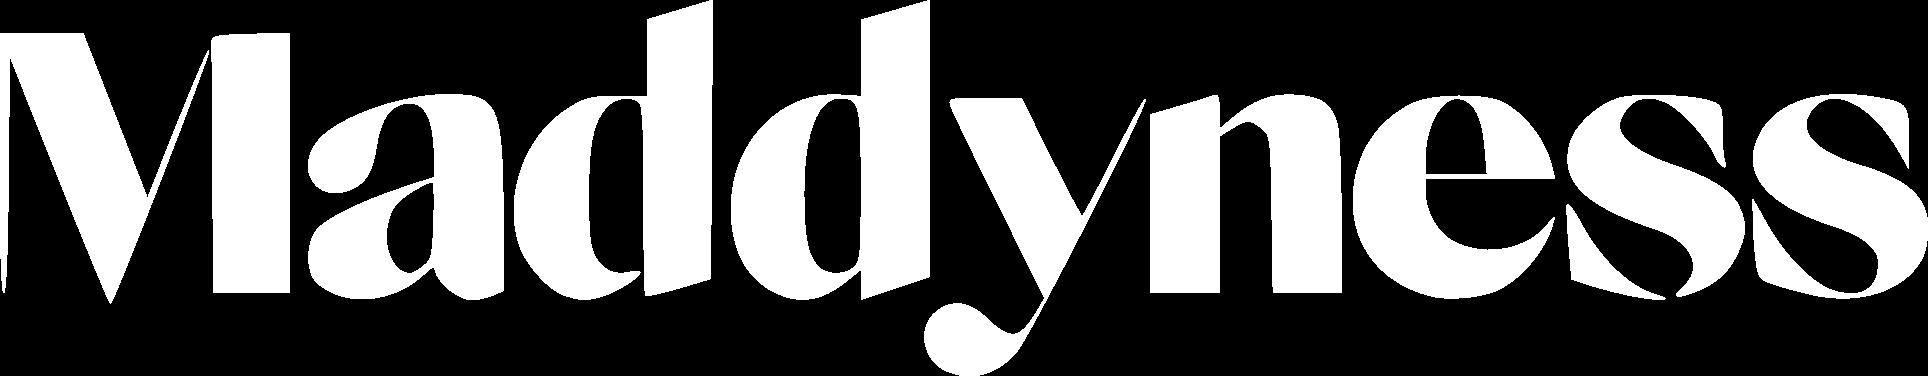 Liebr-logo-Maddyness-blanc